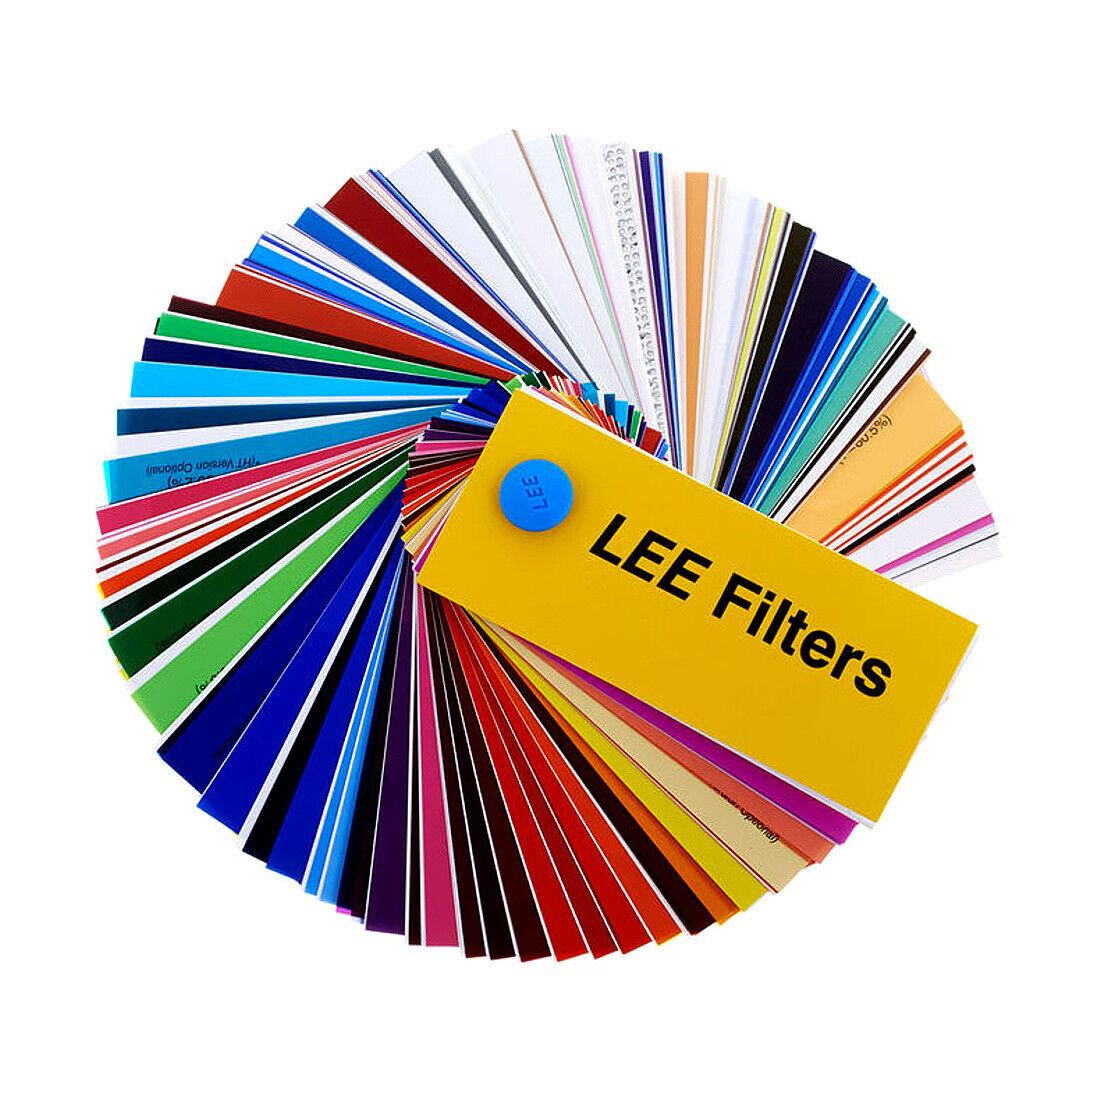 Lee Lighting Gel Filter Sheets 20